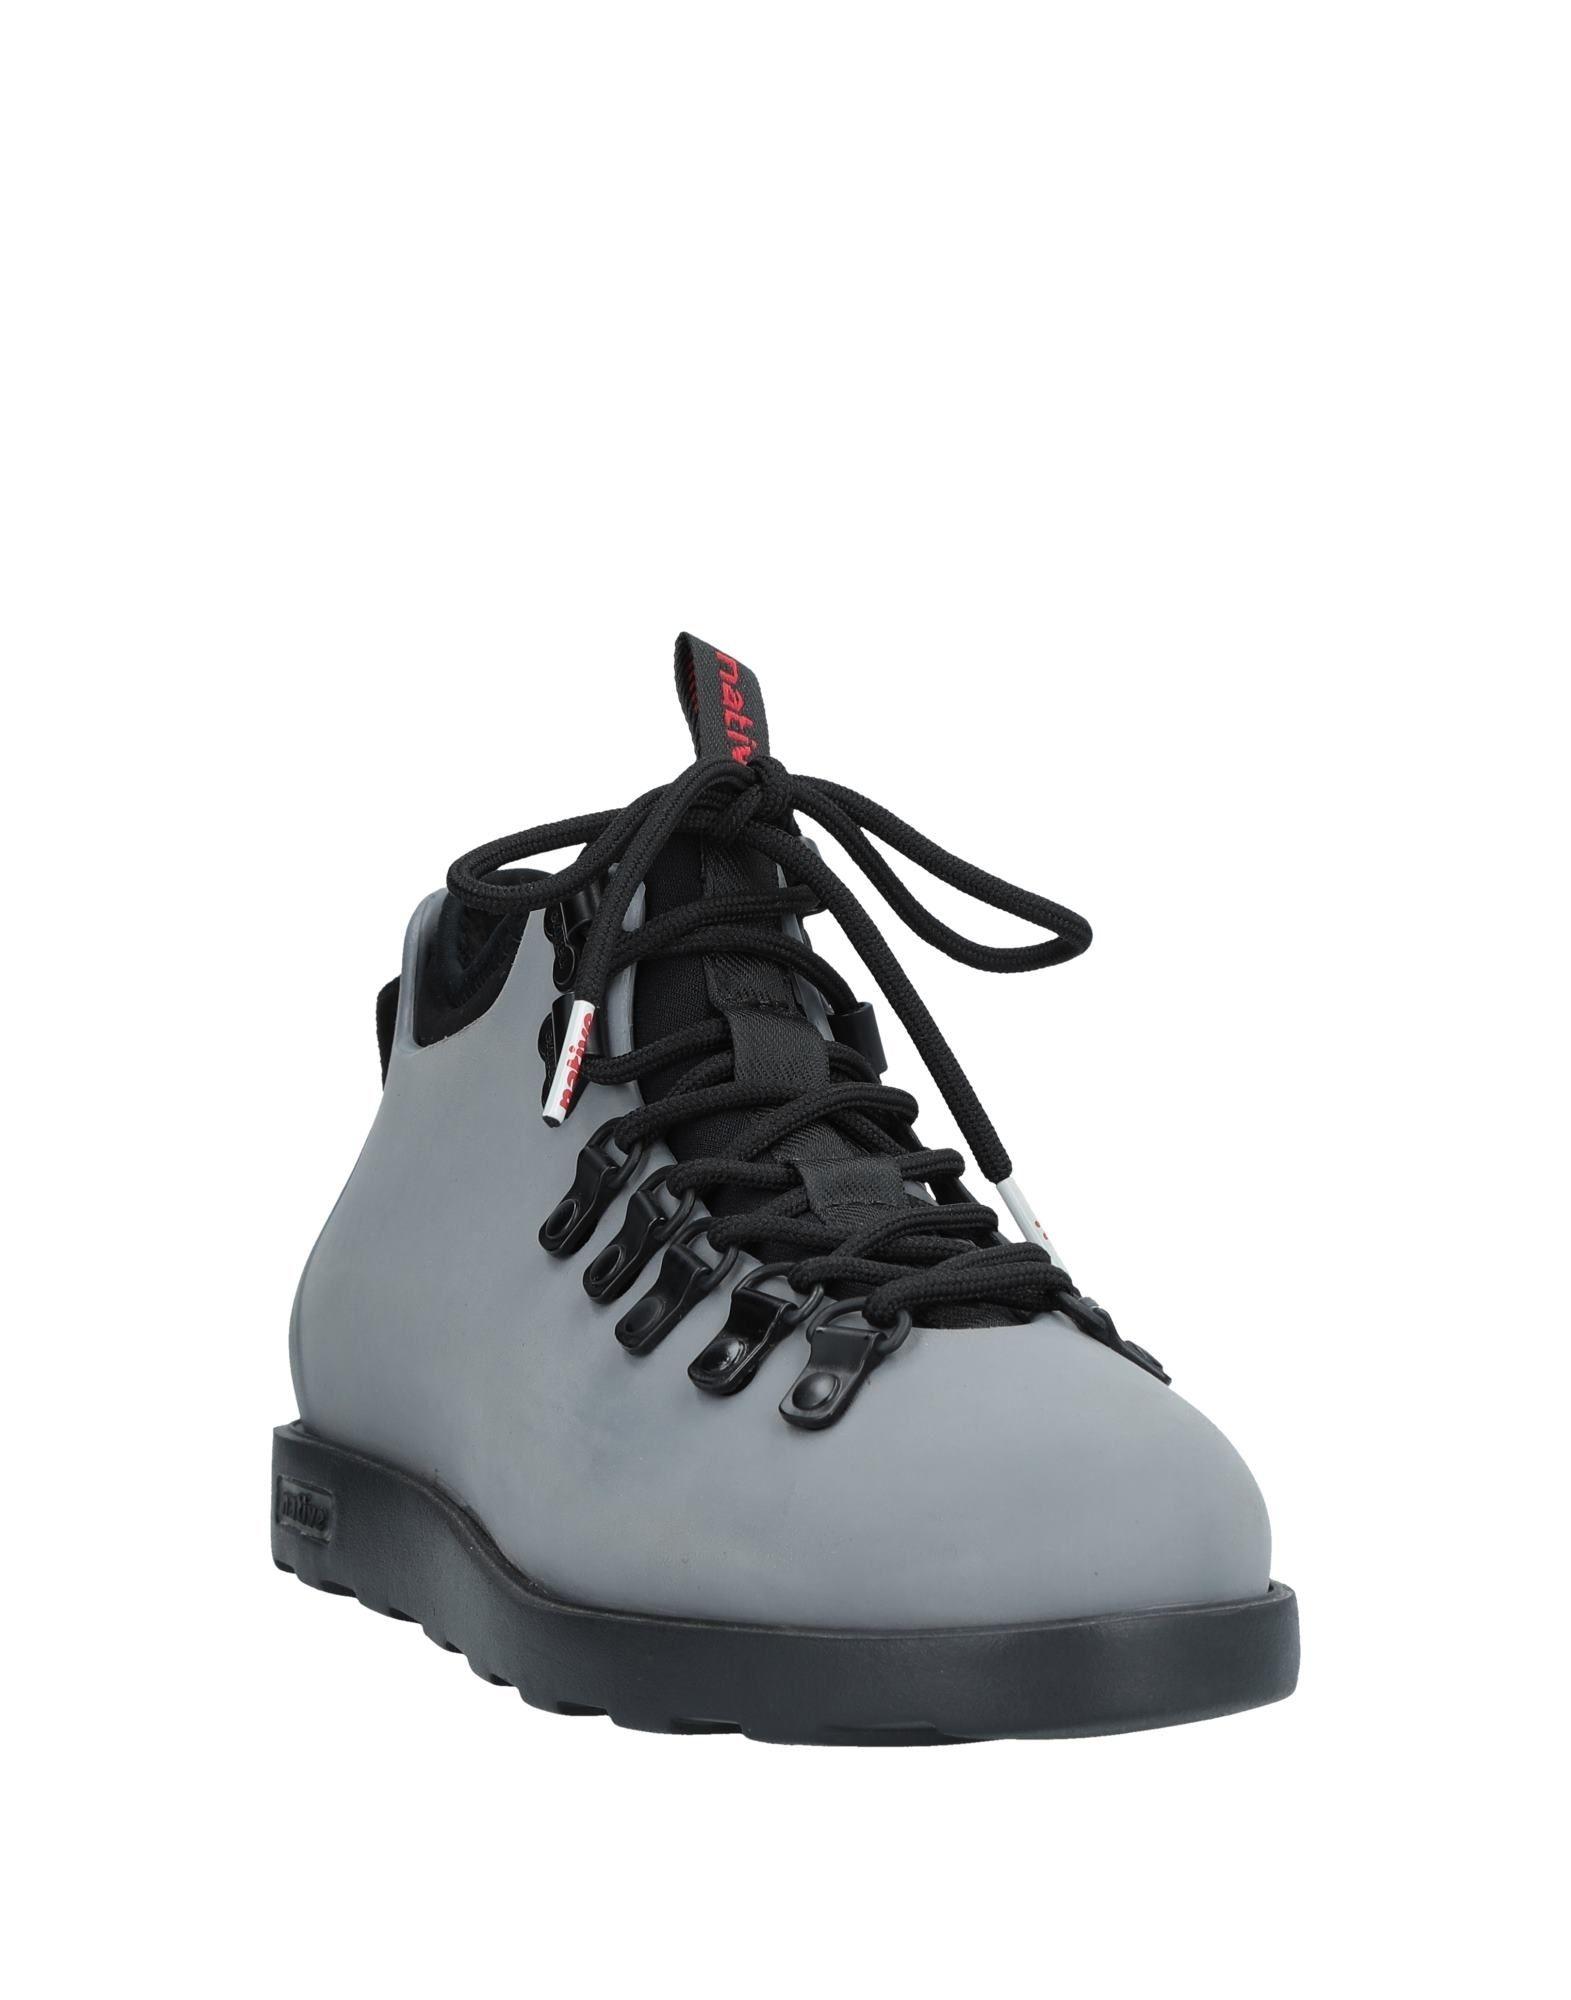 Native Sneakers Damen  11539034MJ 11539034MJ  650b27